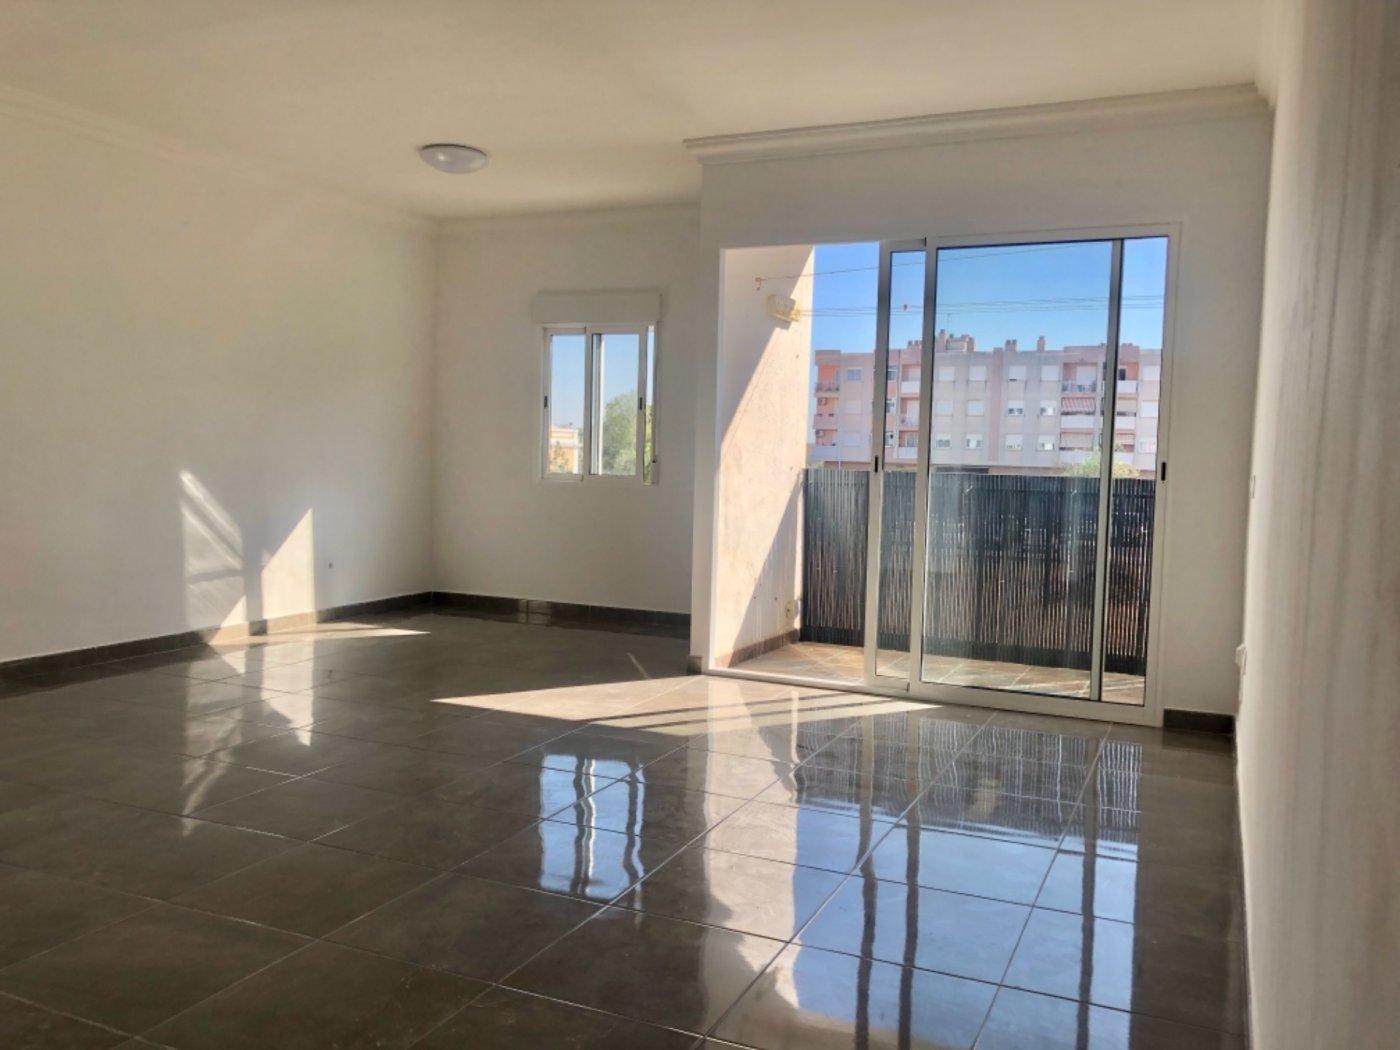 Affitto Appartamento  Marratxí ,pont d\'inca. Se alquila piso en 1ª planta sin ascensor - 2 dormitorios - prec